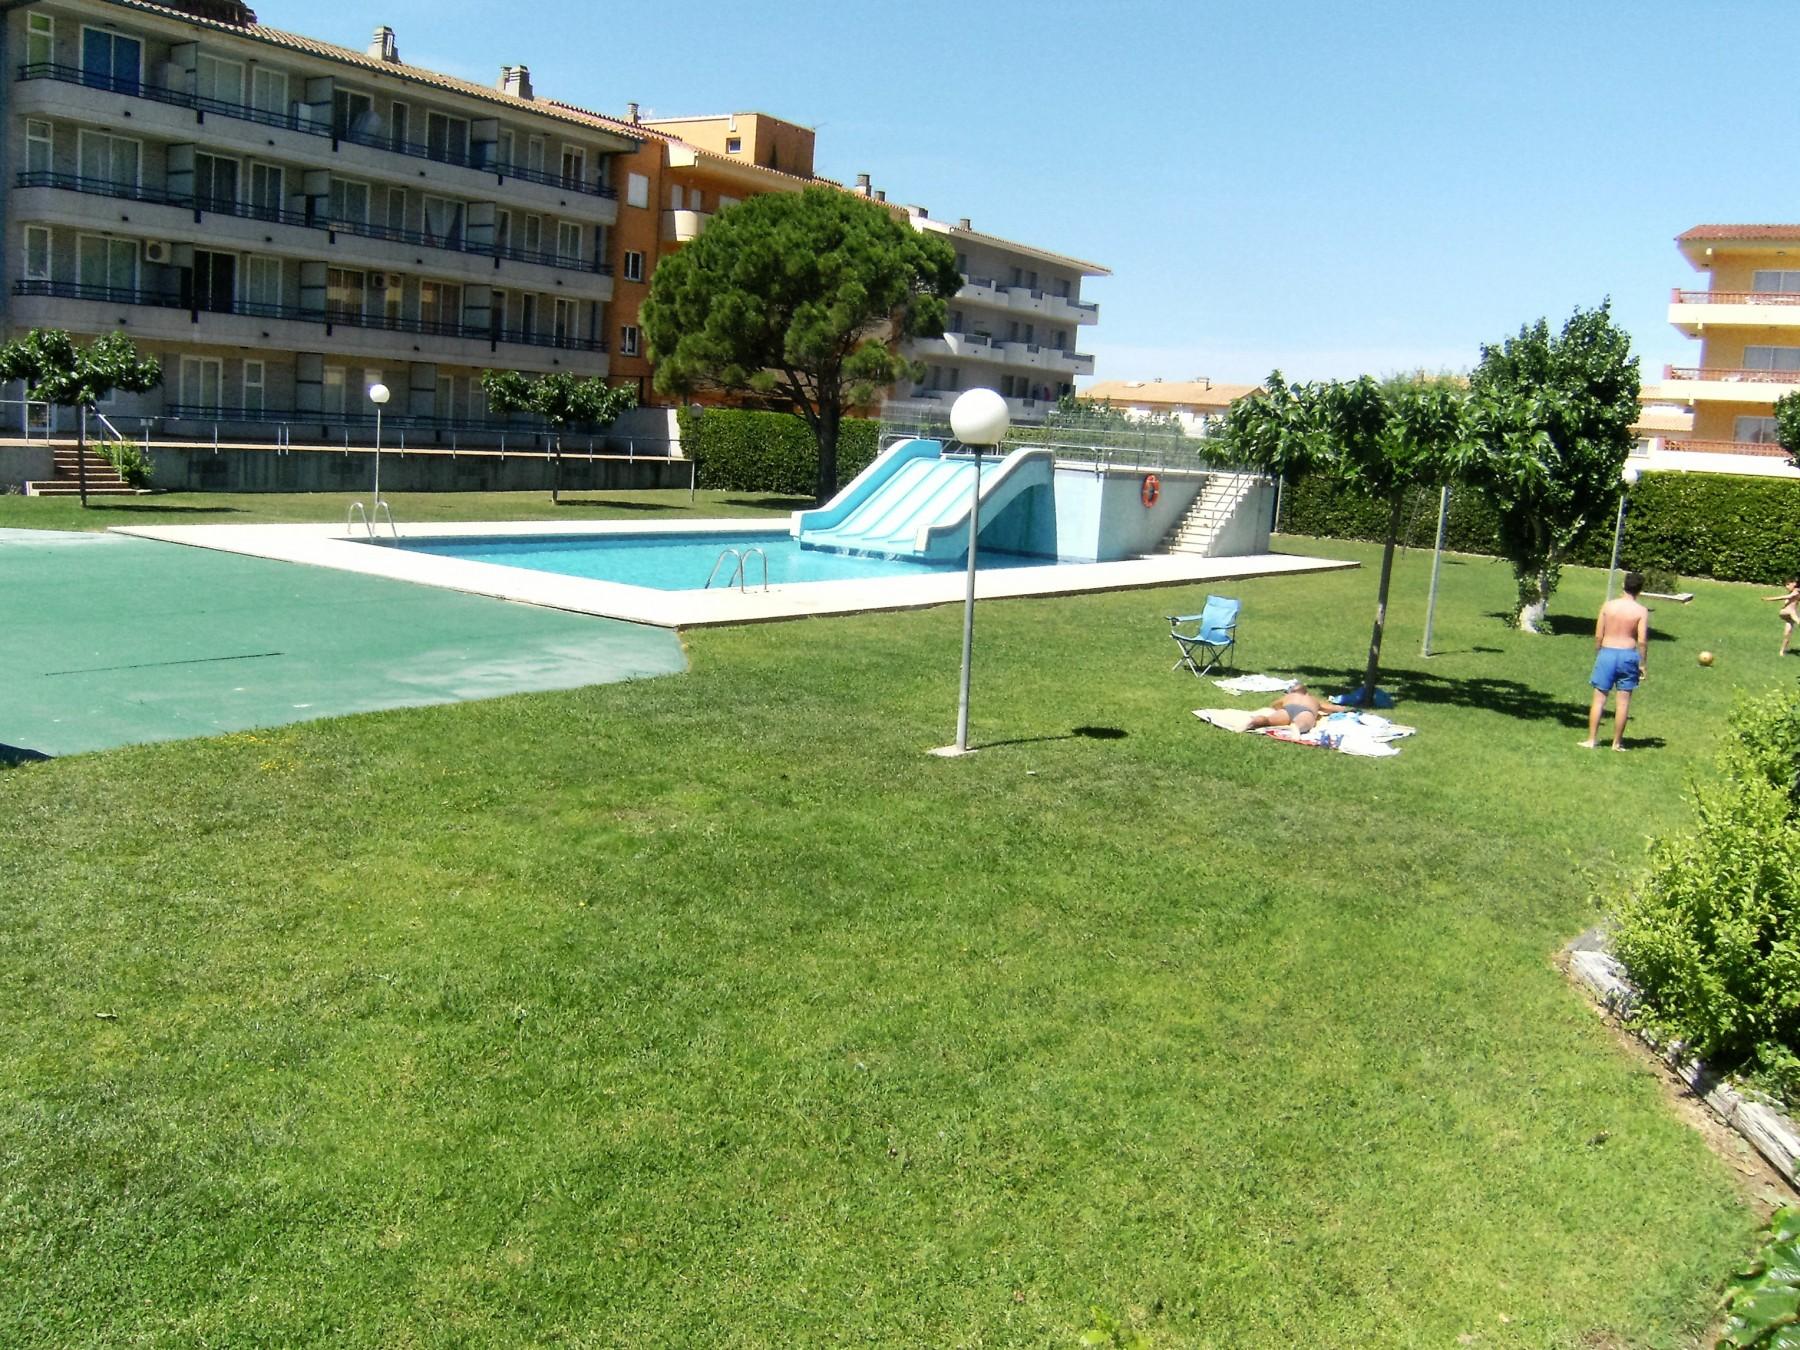 Ferienwohnung BLAU PARK 302 PK 5 (2098675), Els Griells, Costa Brava, Katalonien, Spanien, Bild 1